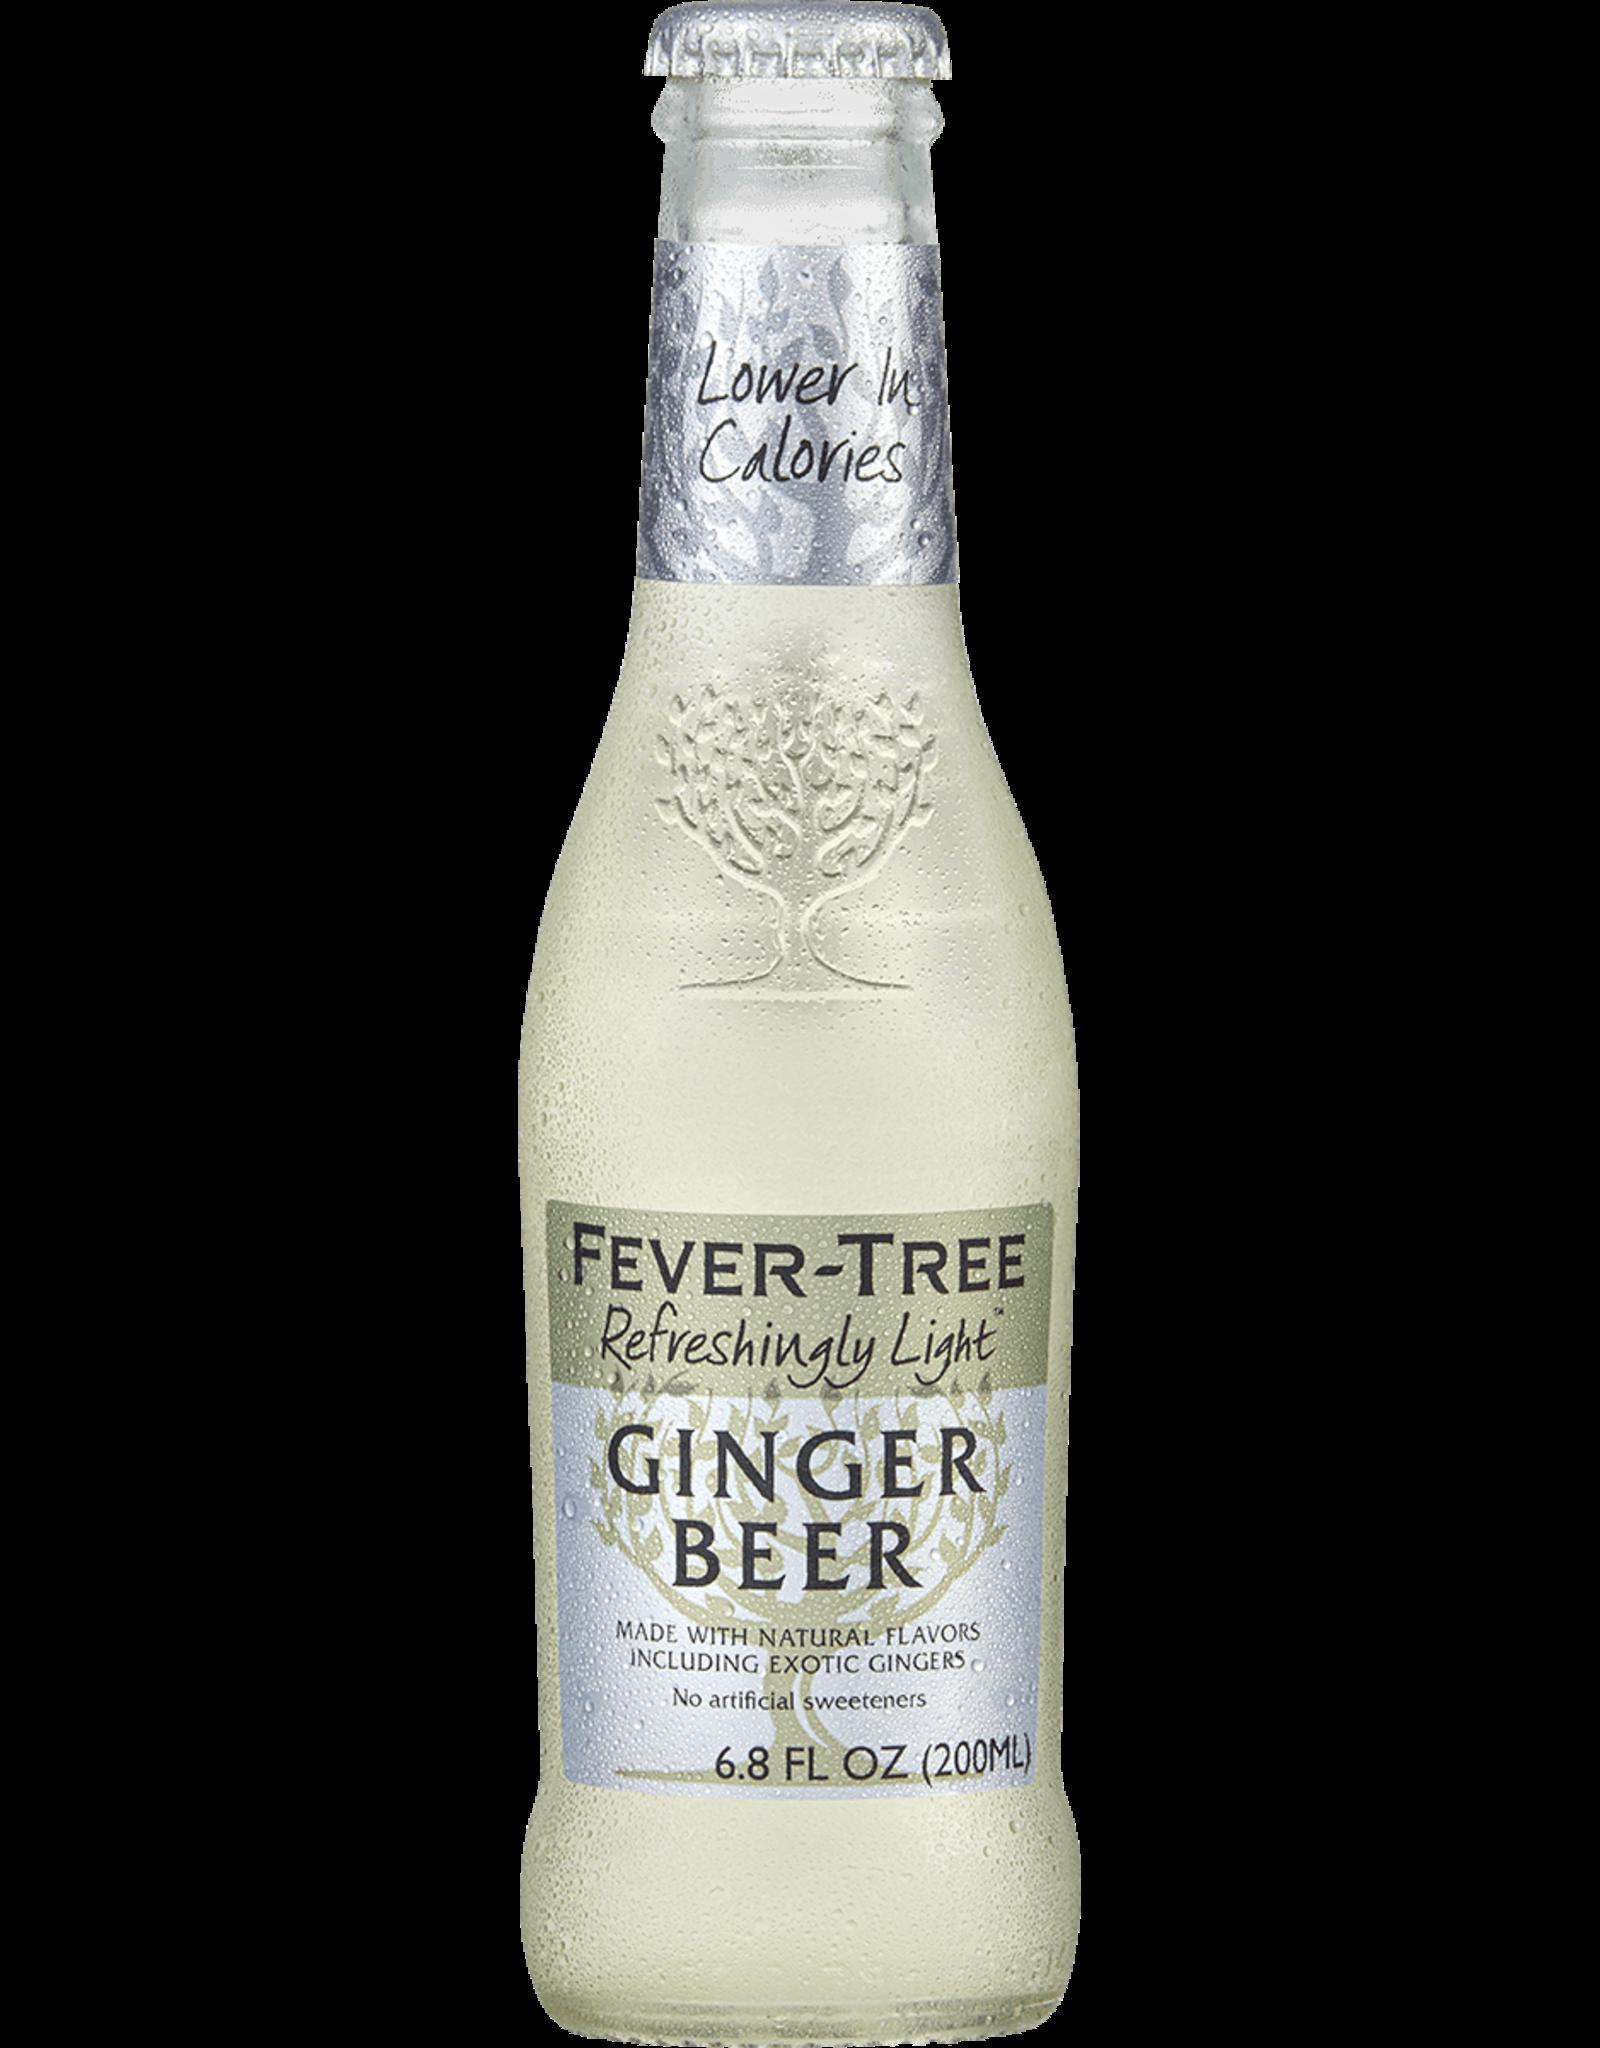 Fever Tree Ginger Beer single